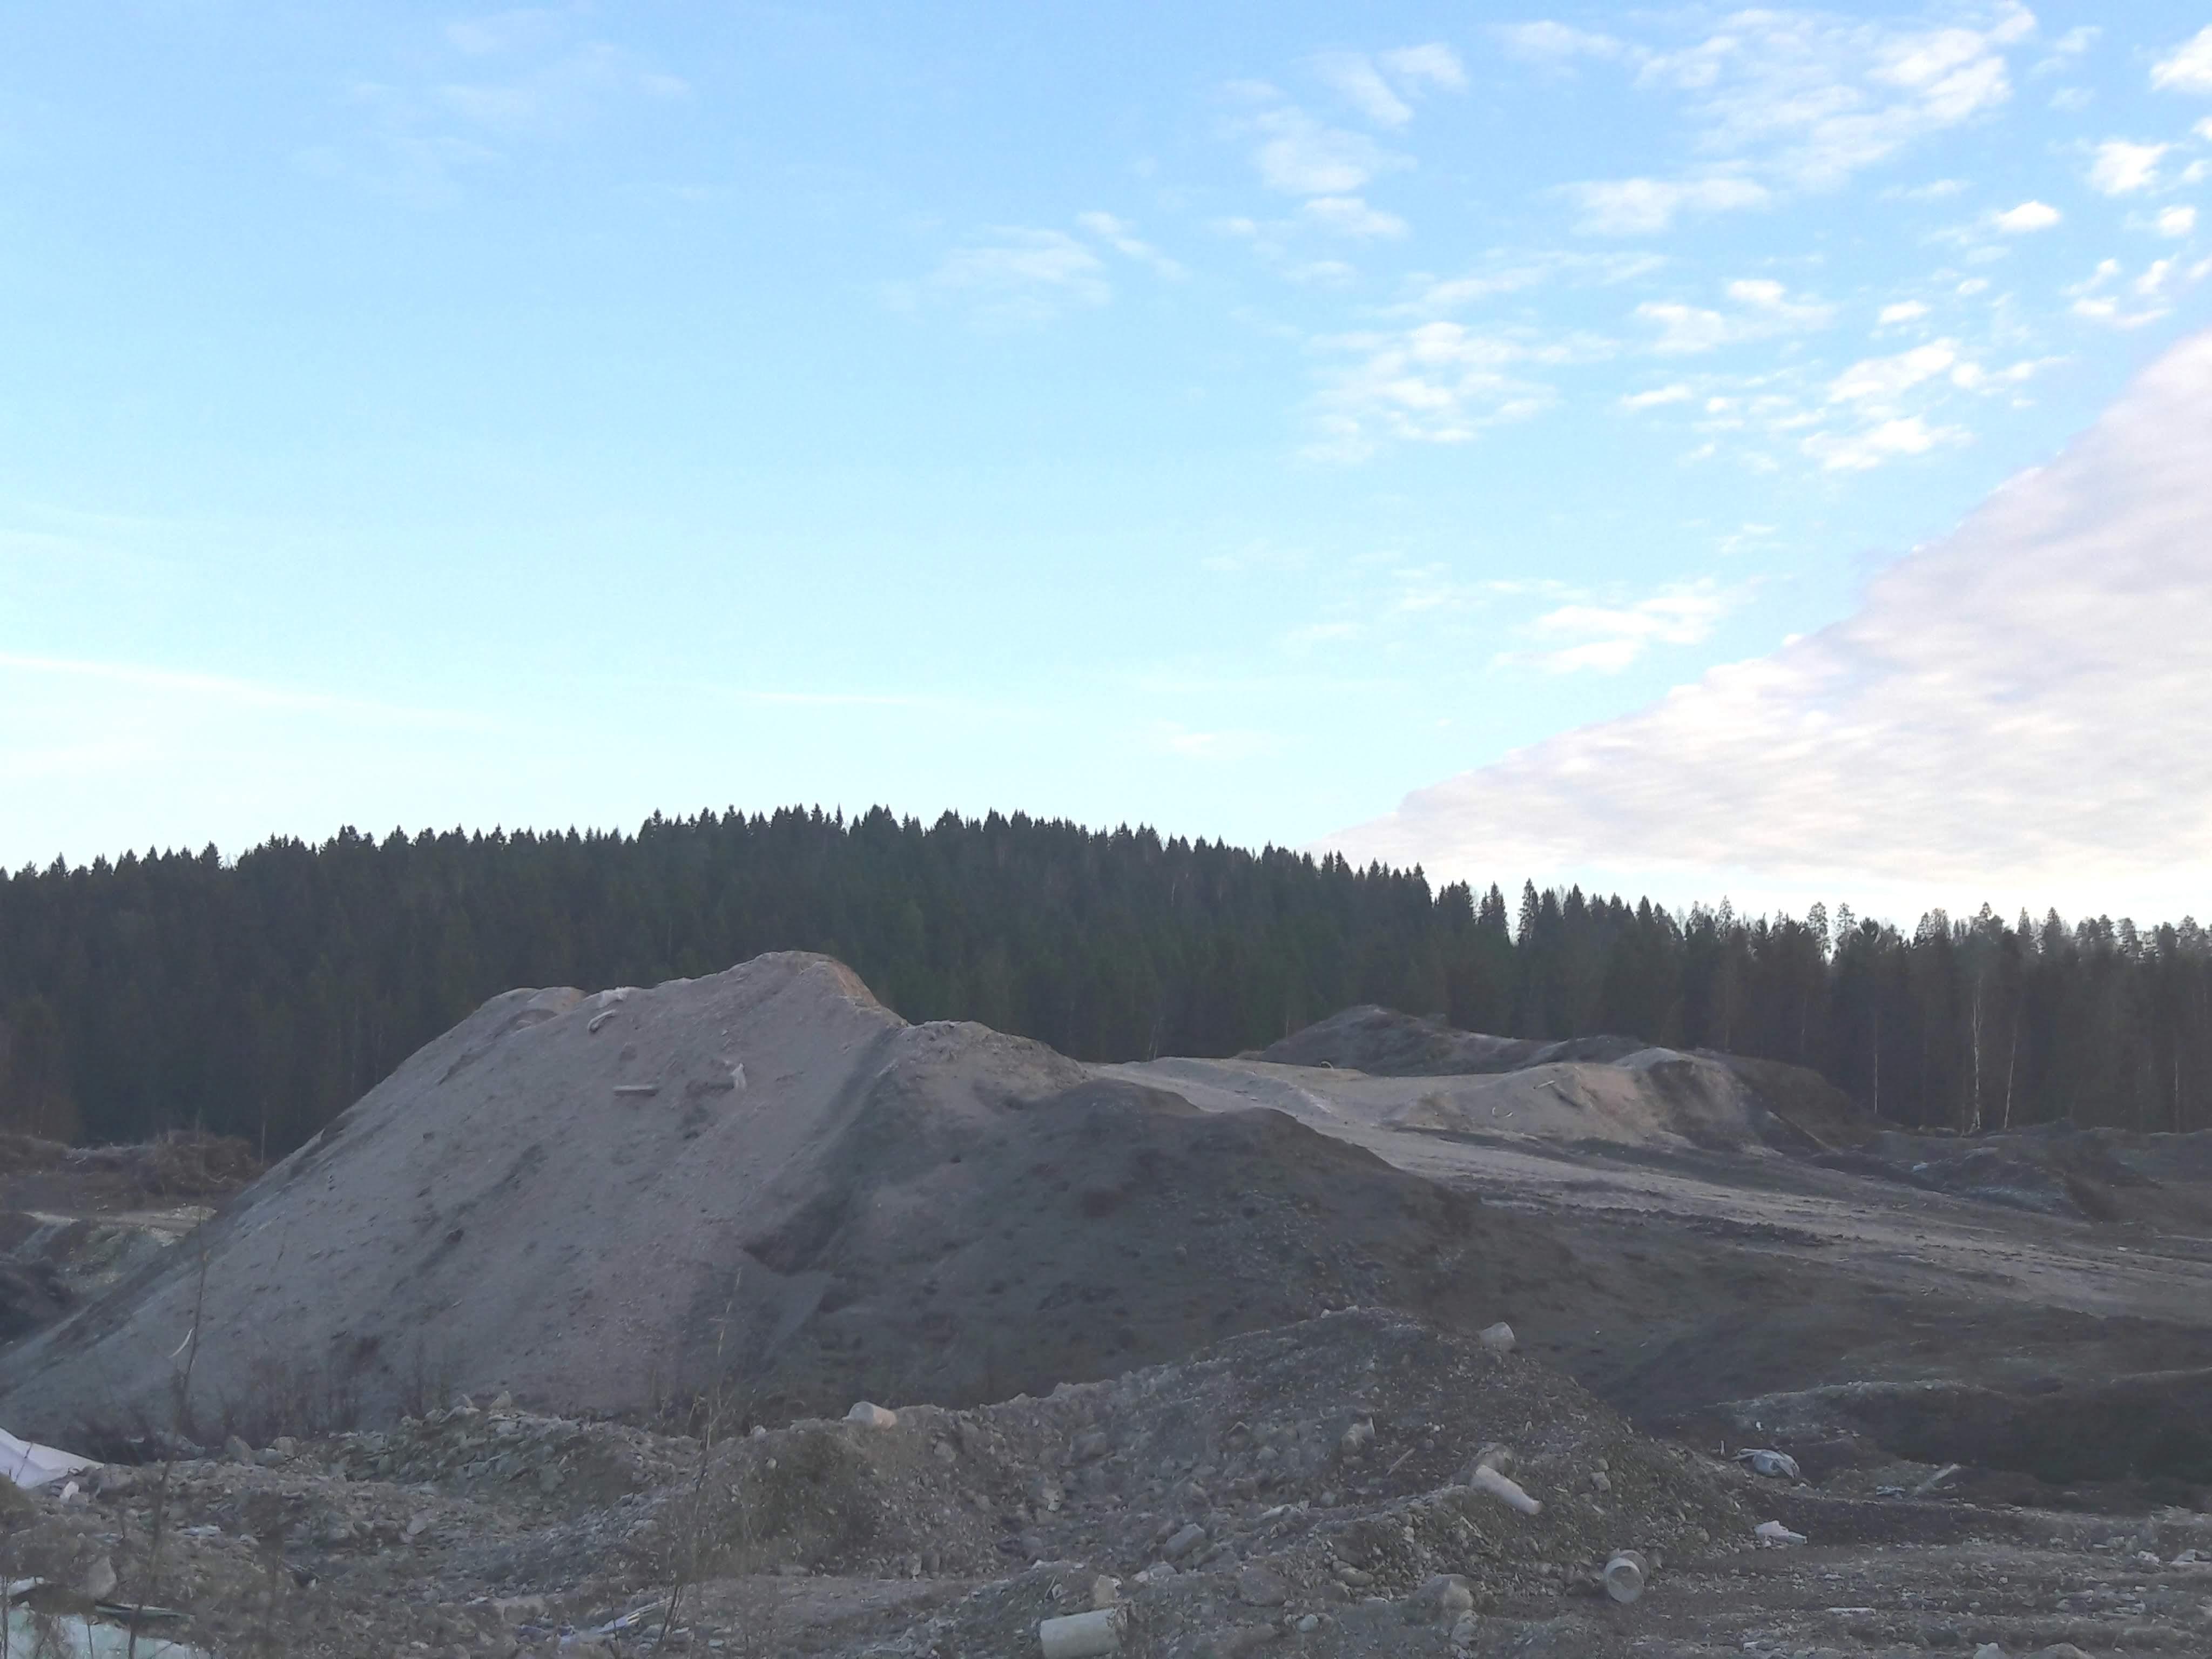 Tuhkan Kierron Ekosysteemejä Käynnistetään Keski-Suomessa